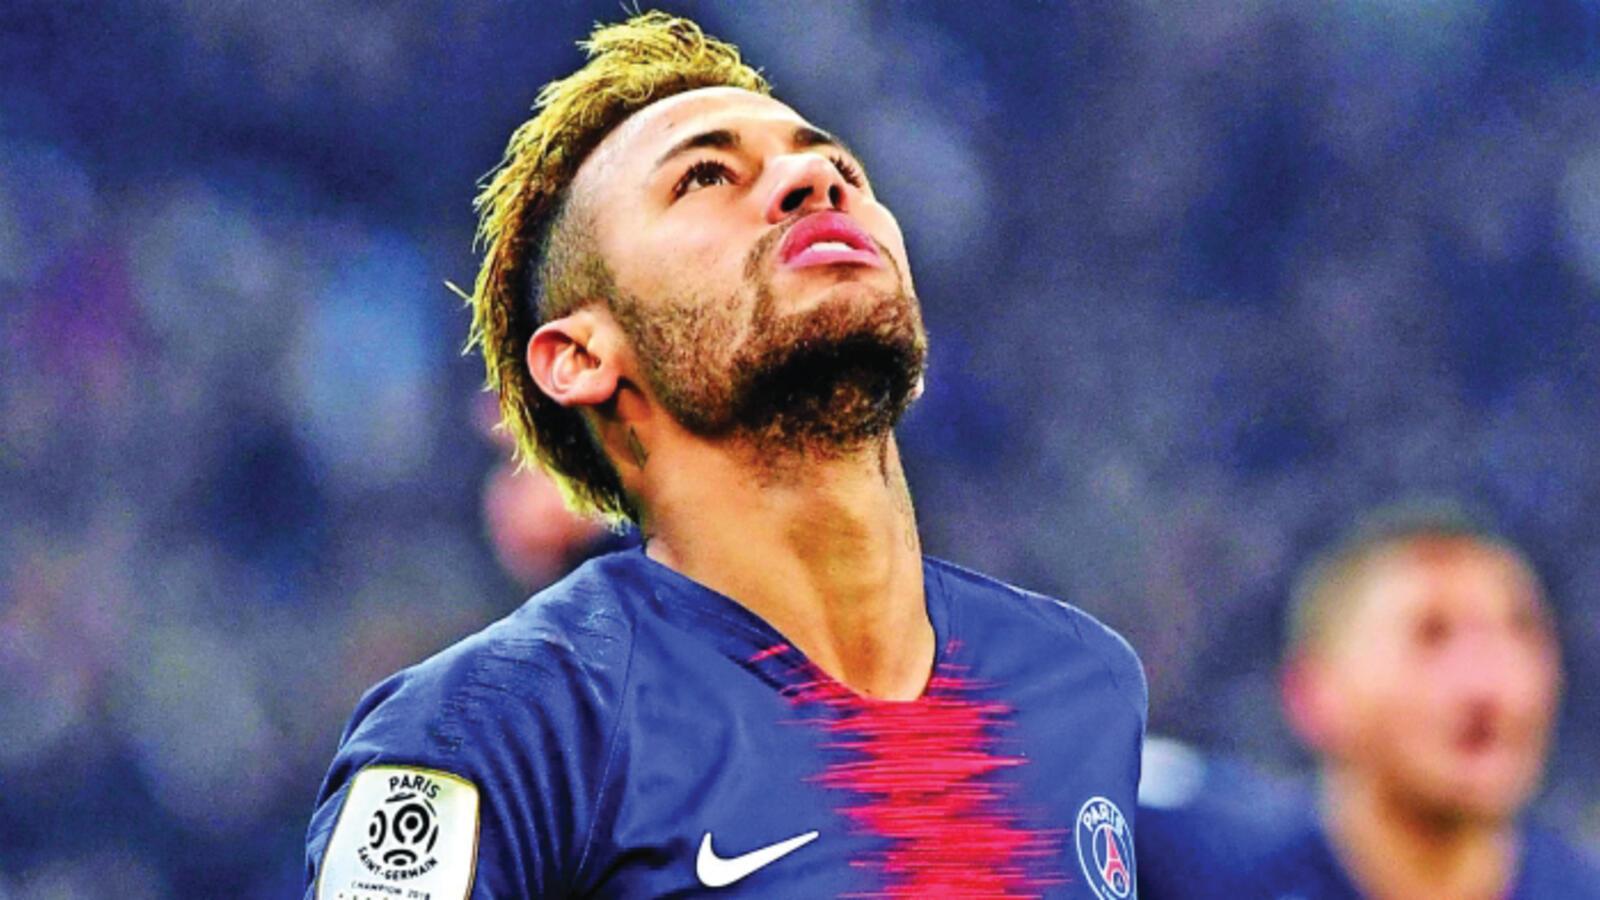 نيمار يضحي مجدداً من أجل العودة الى برشلونة